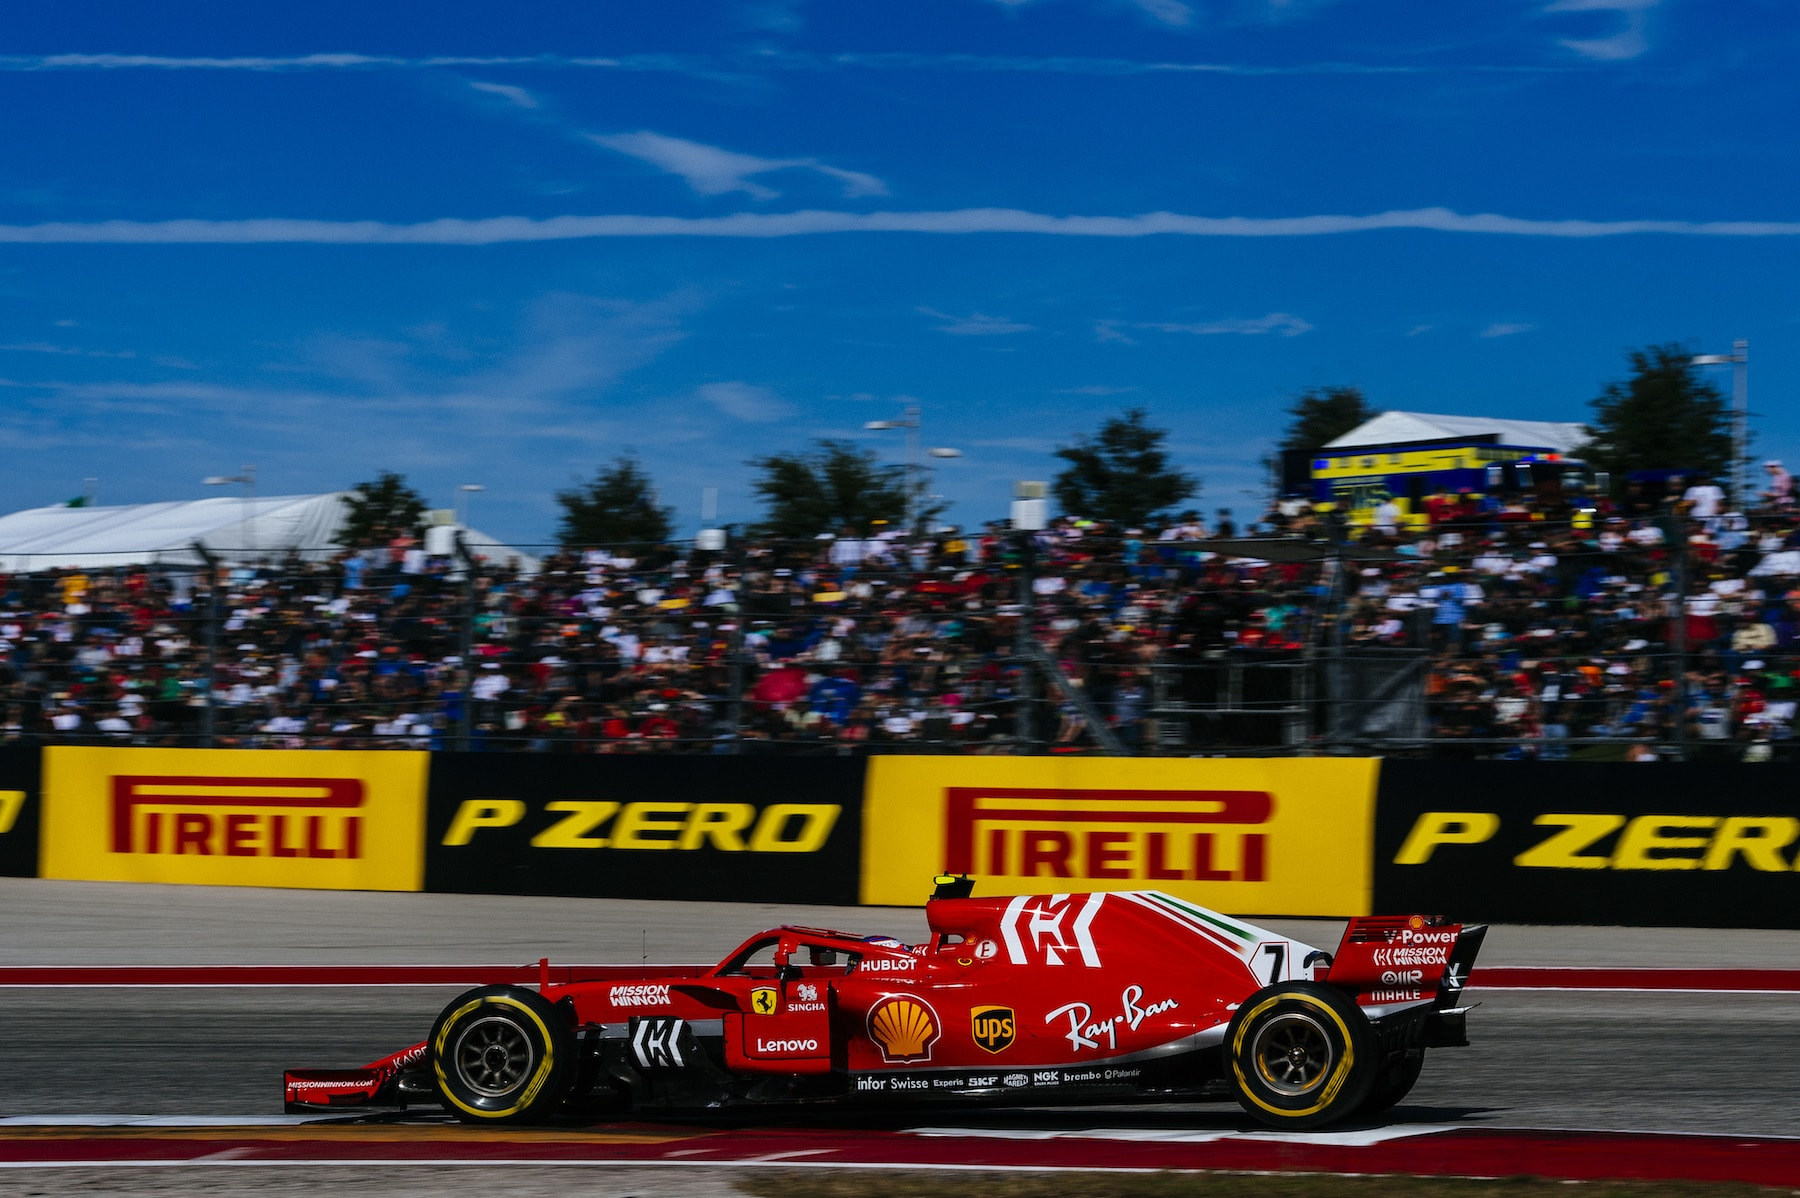 H 2018 Kimi Raikkonen | Ferrari SF71H | 2018 USG winner 2 copy.jpg